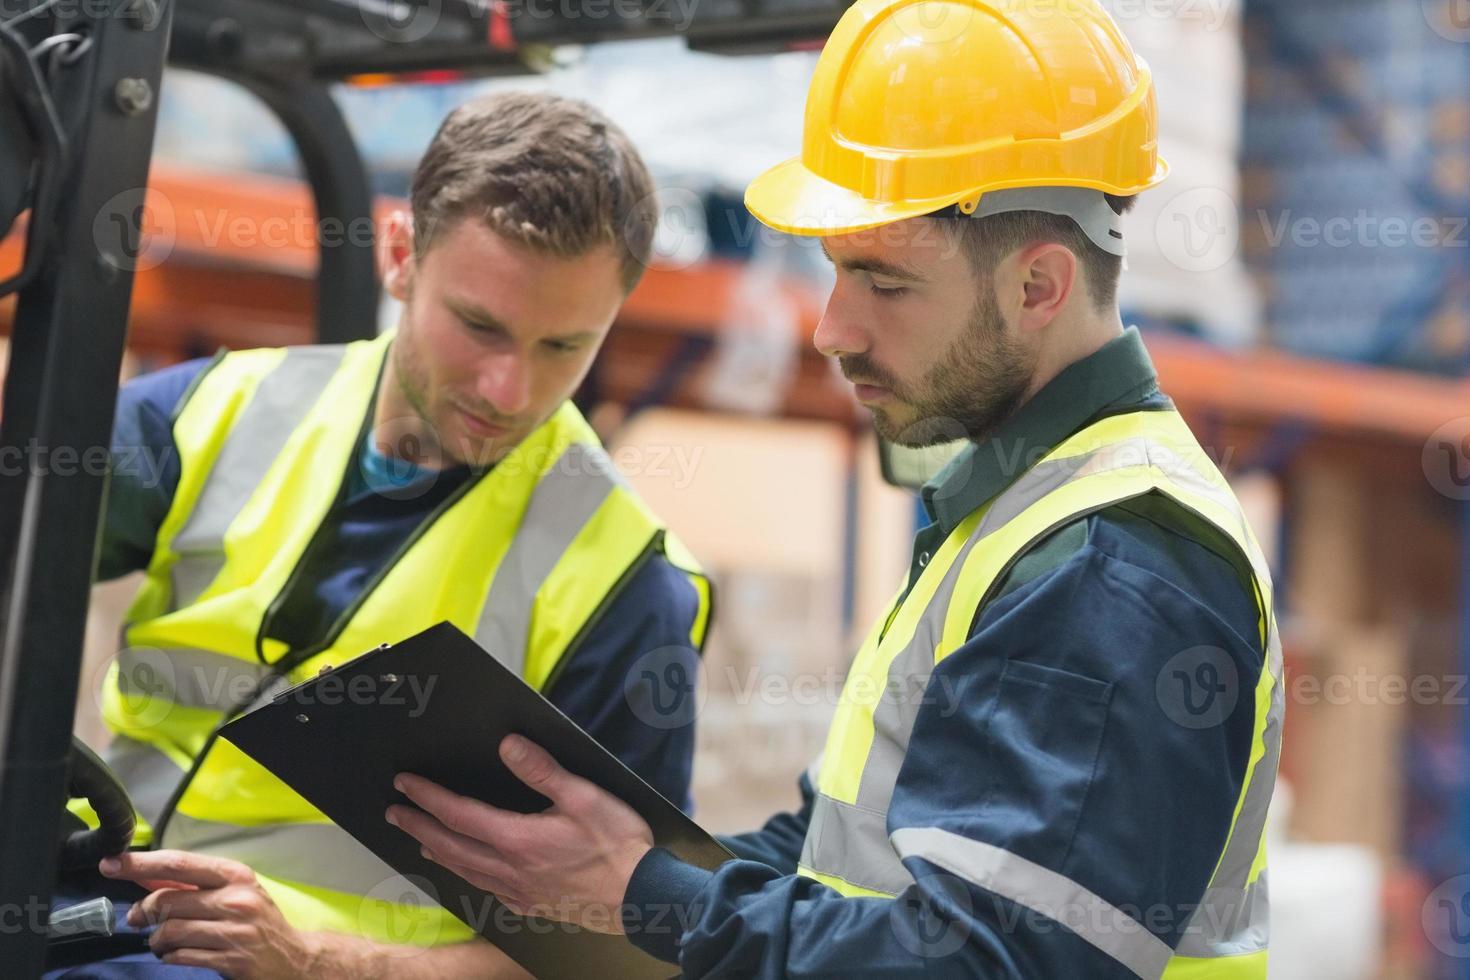 travailleurs d'entrepôt ciblés parler ensemble photo